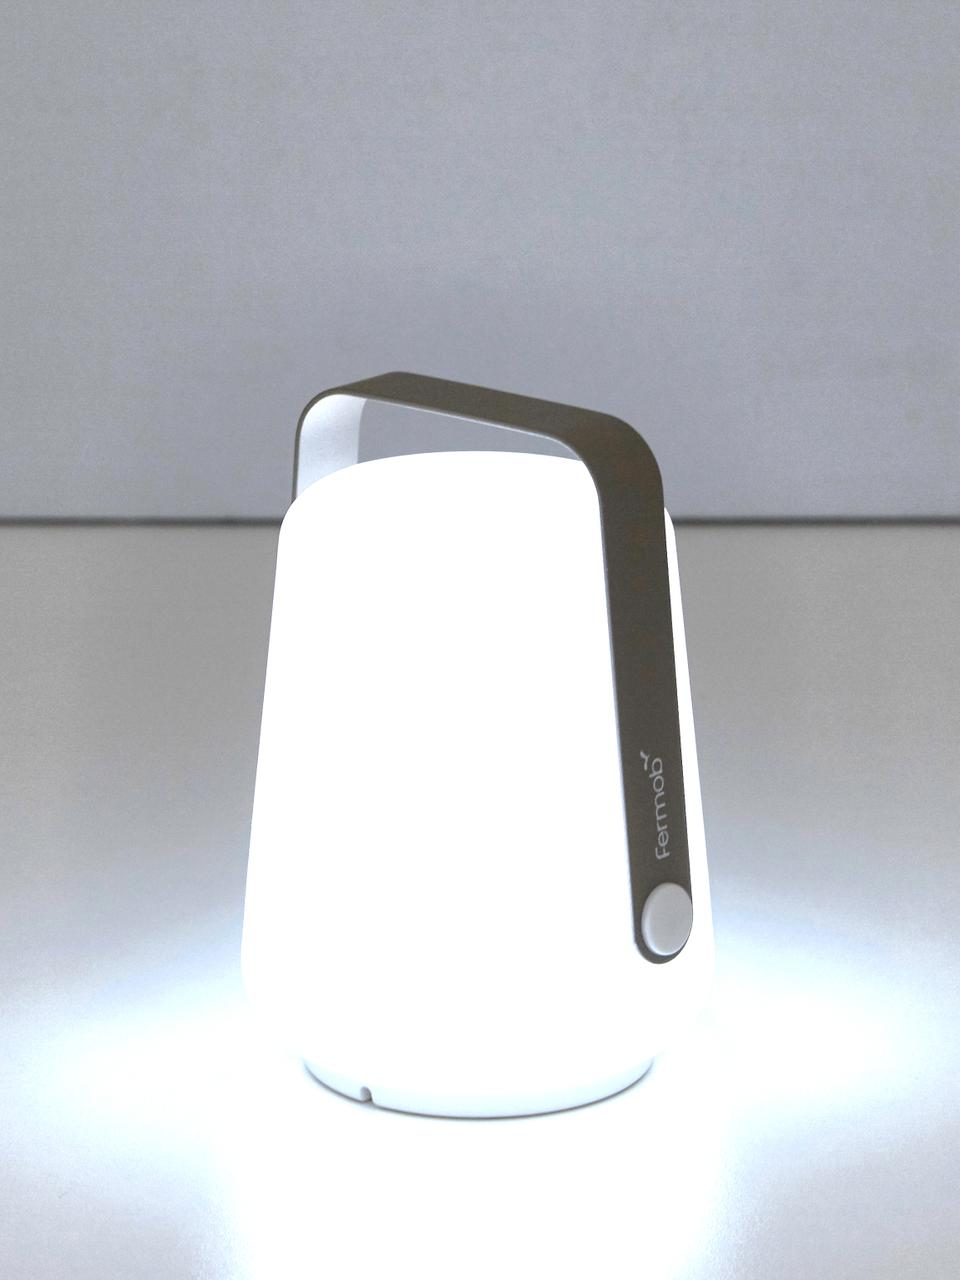 Venkovní přenosné LED svítídlo Balad, 3 kusy, Muškátový oříšek